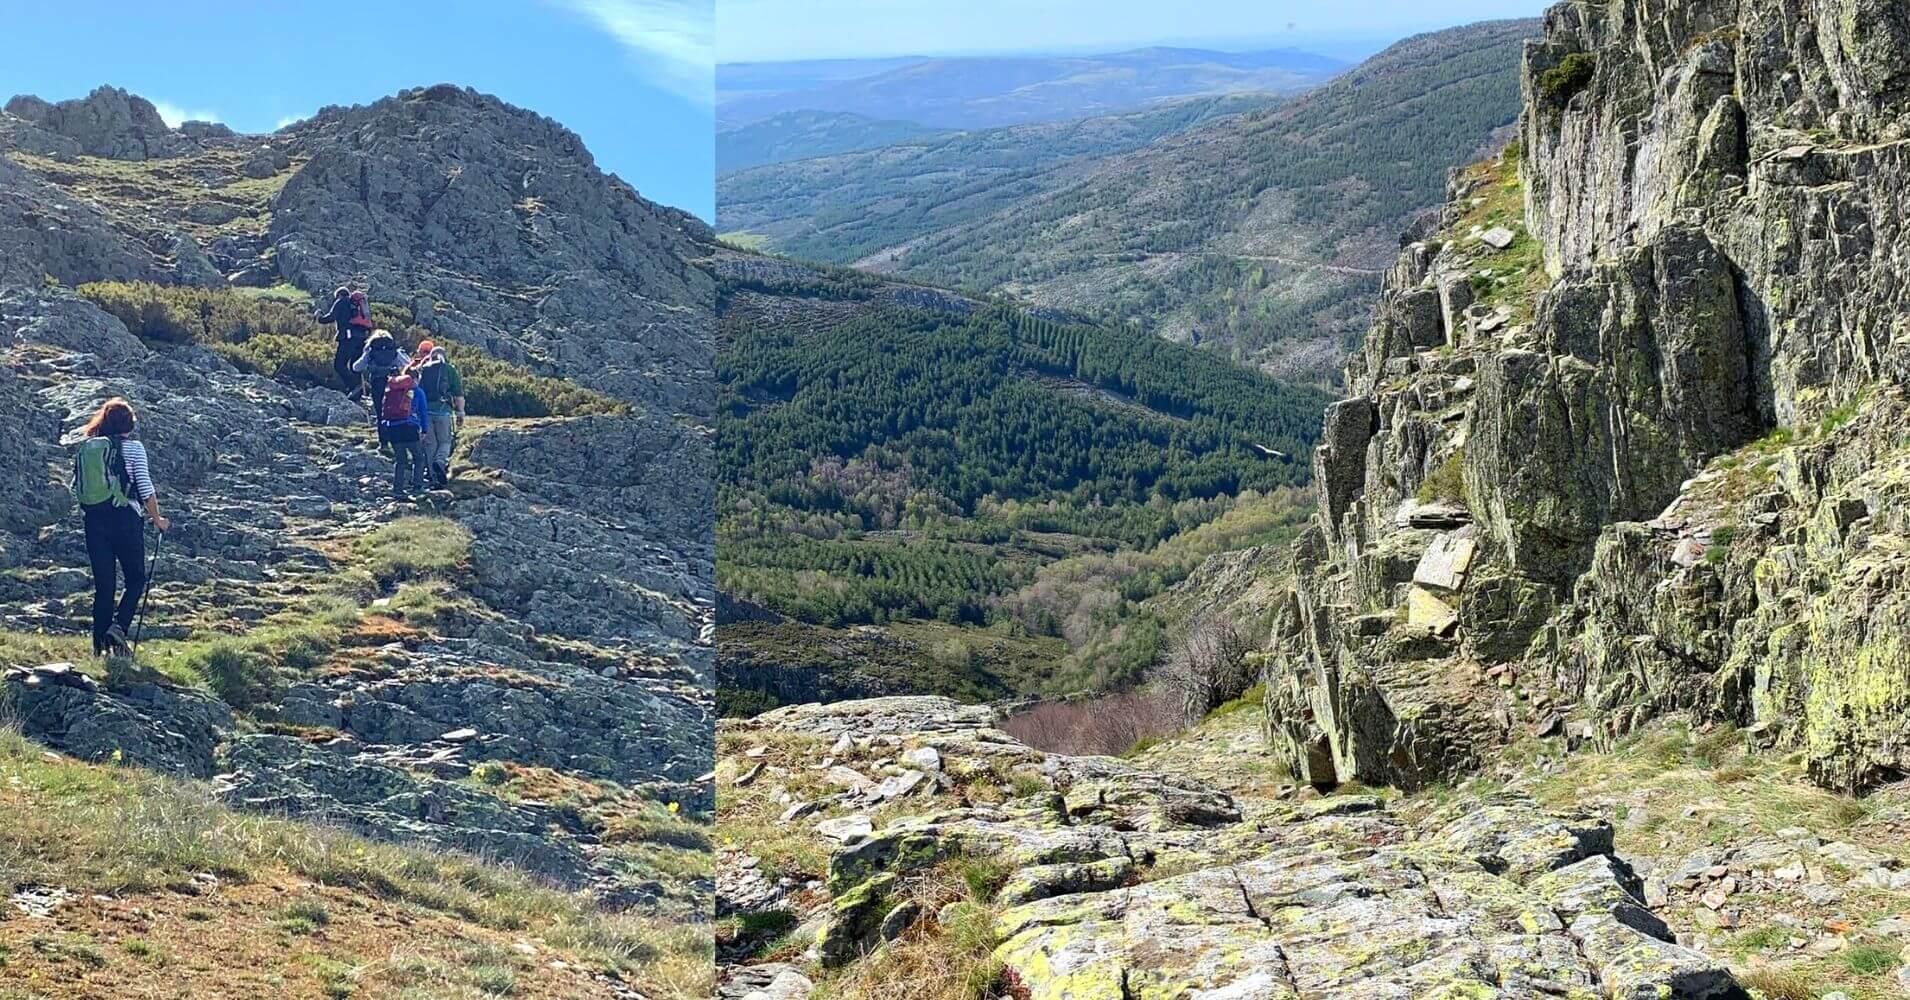 Sierra de Ayllón en Guadalajara, Castilla La Mancha.